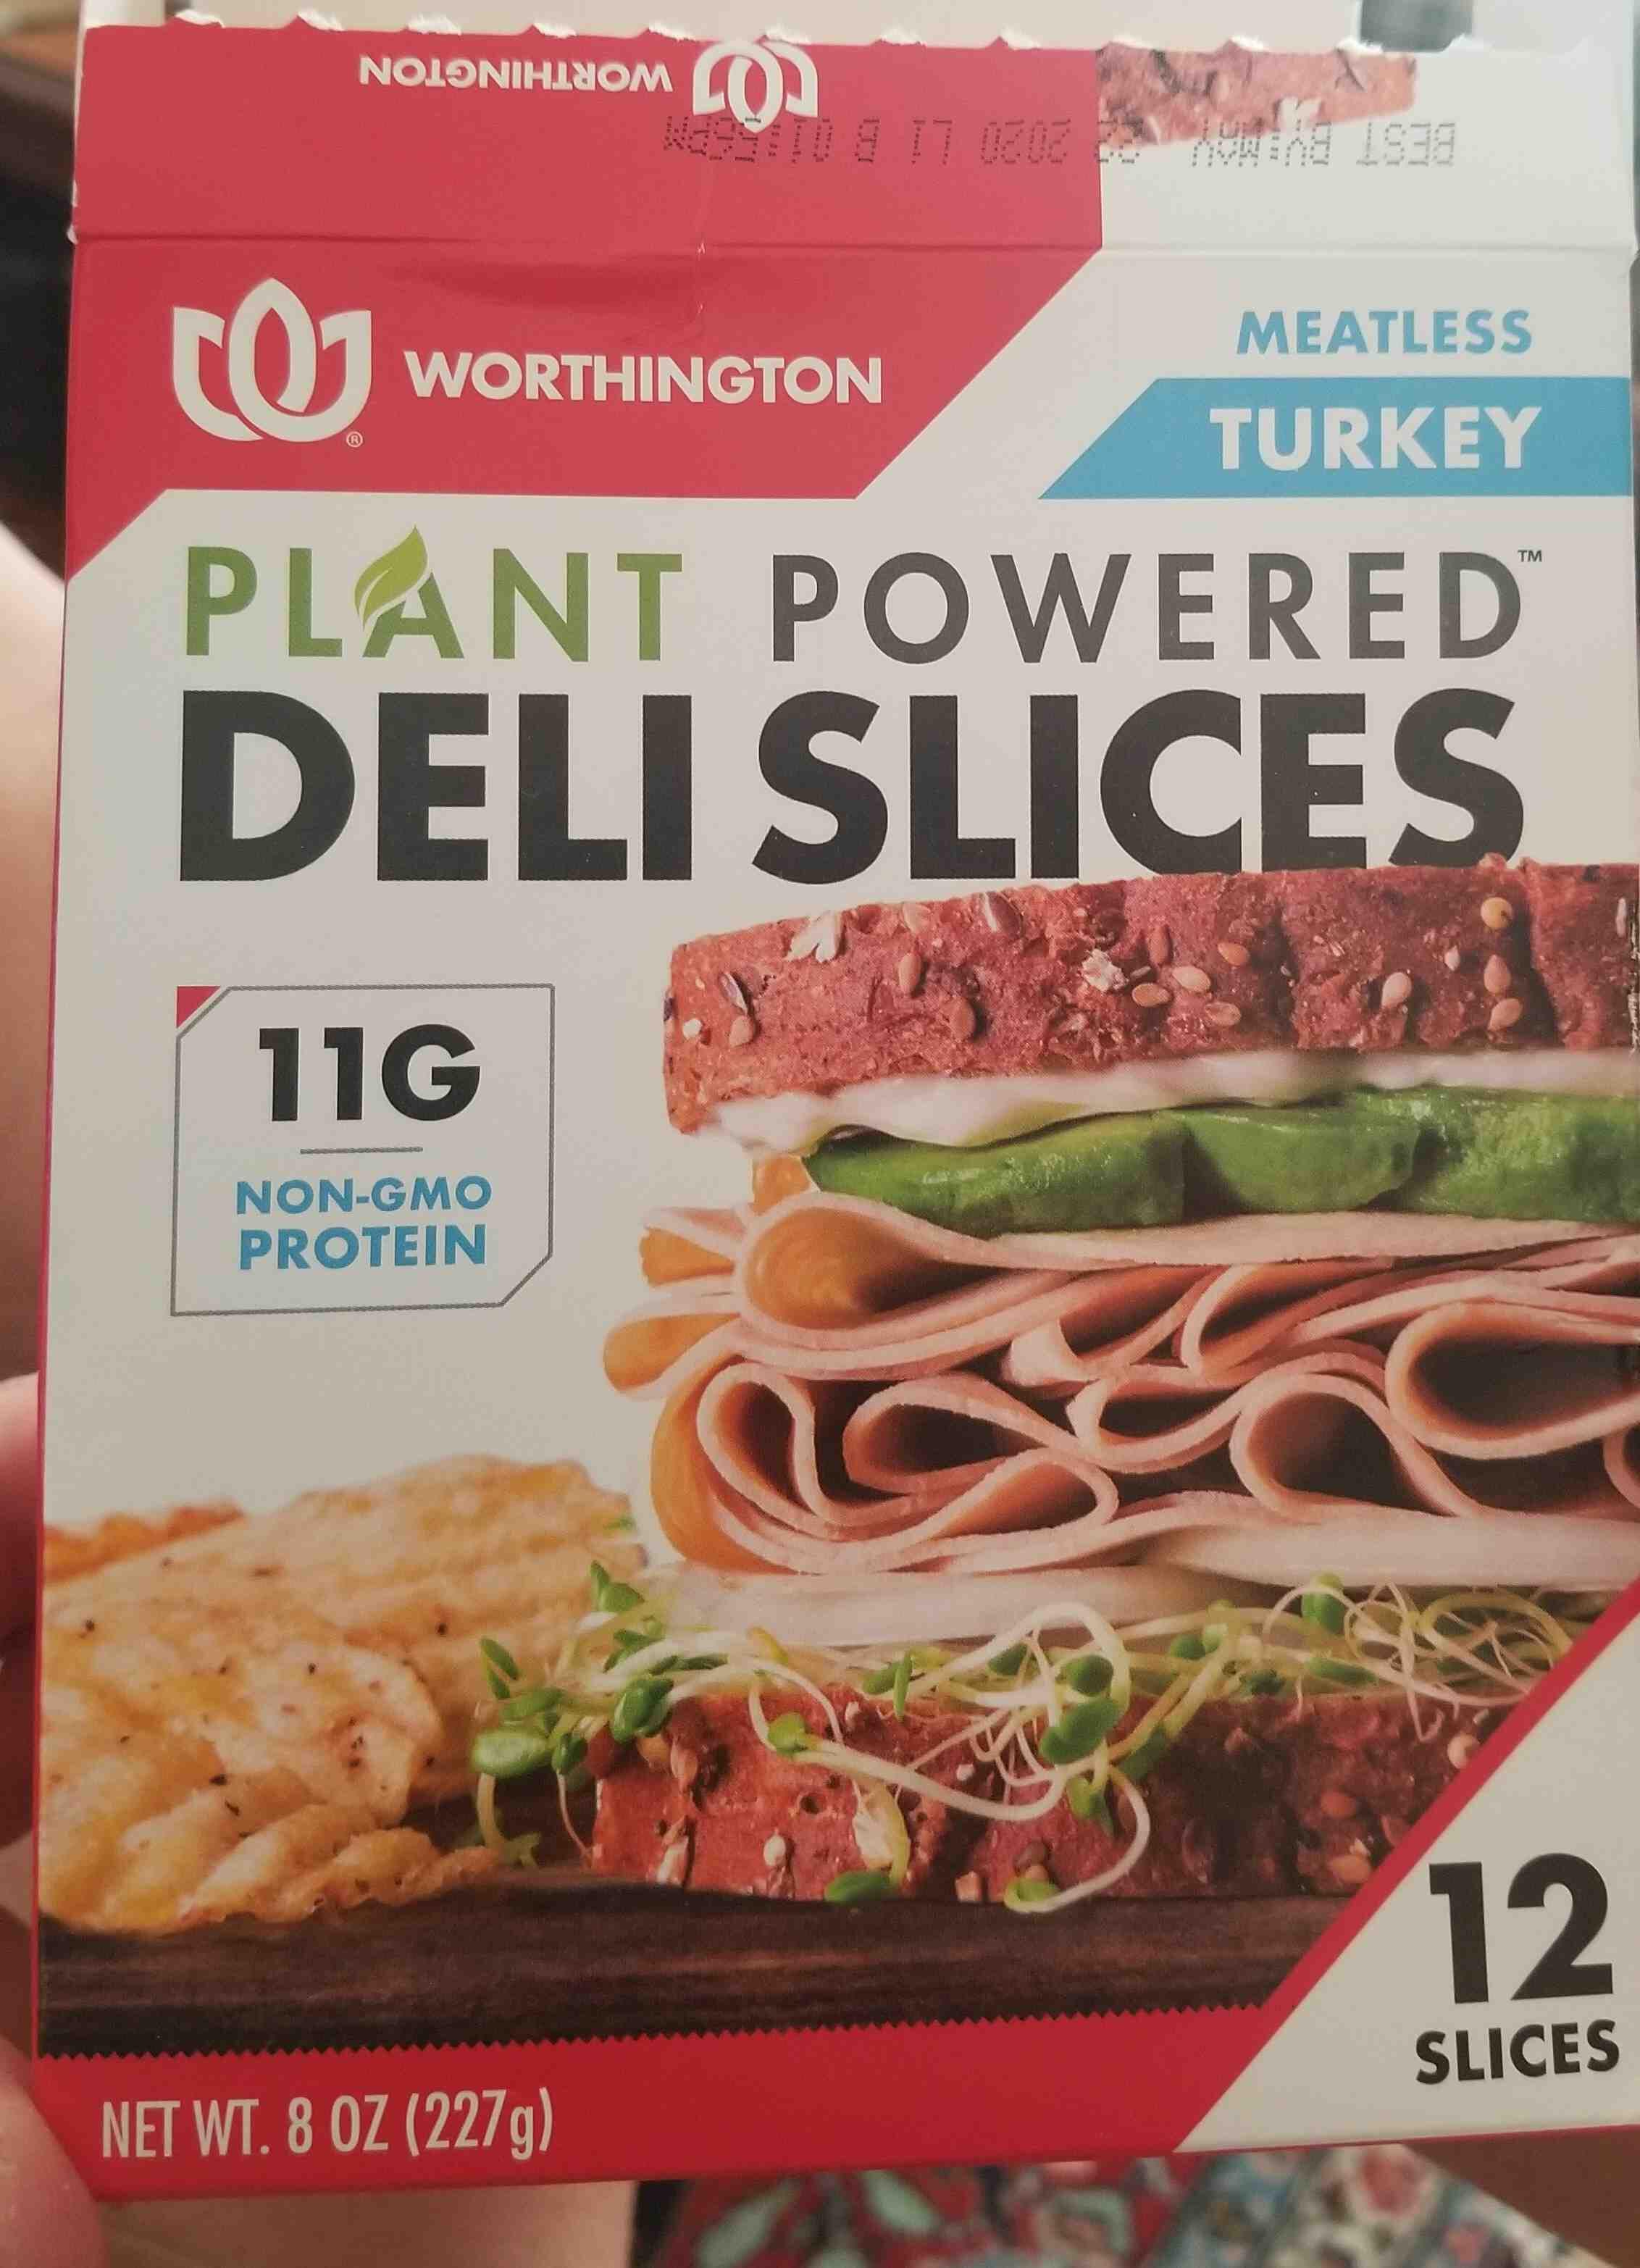 Meatless turkey deli slices, turkey - Product - en